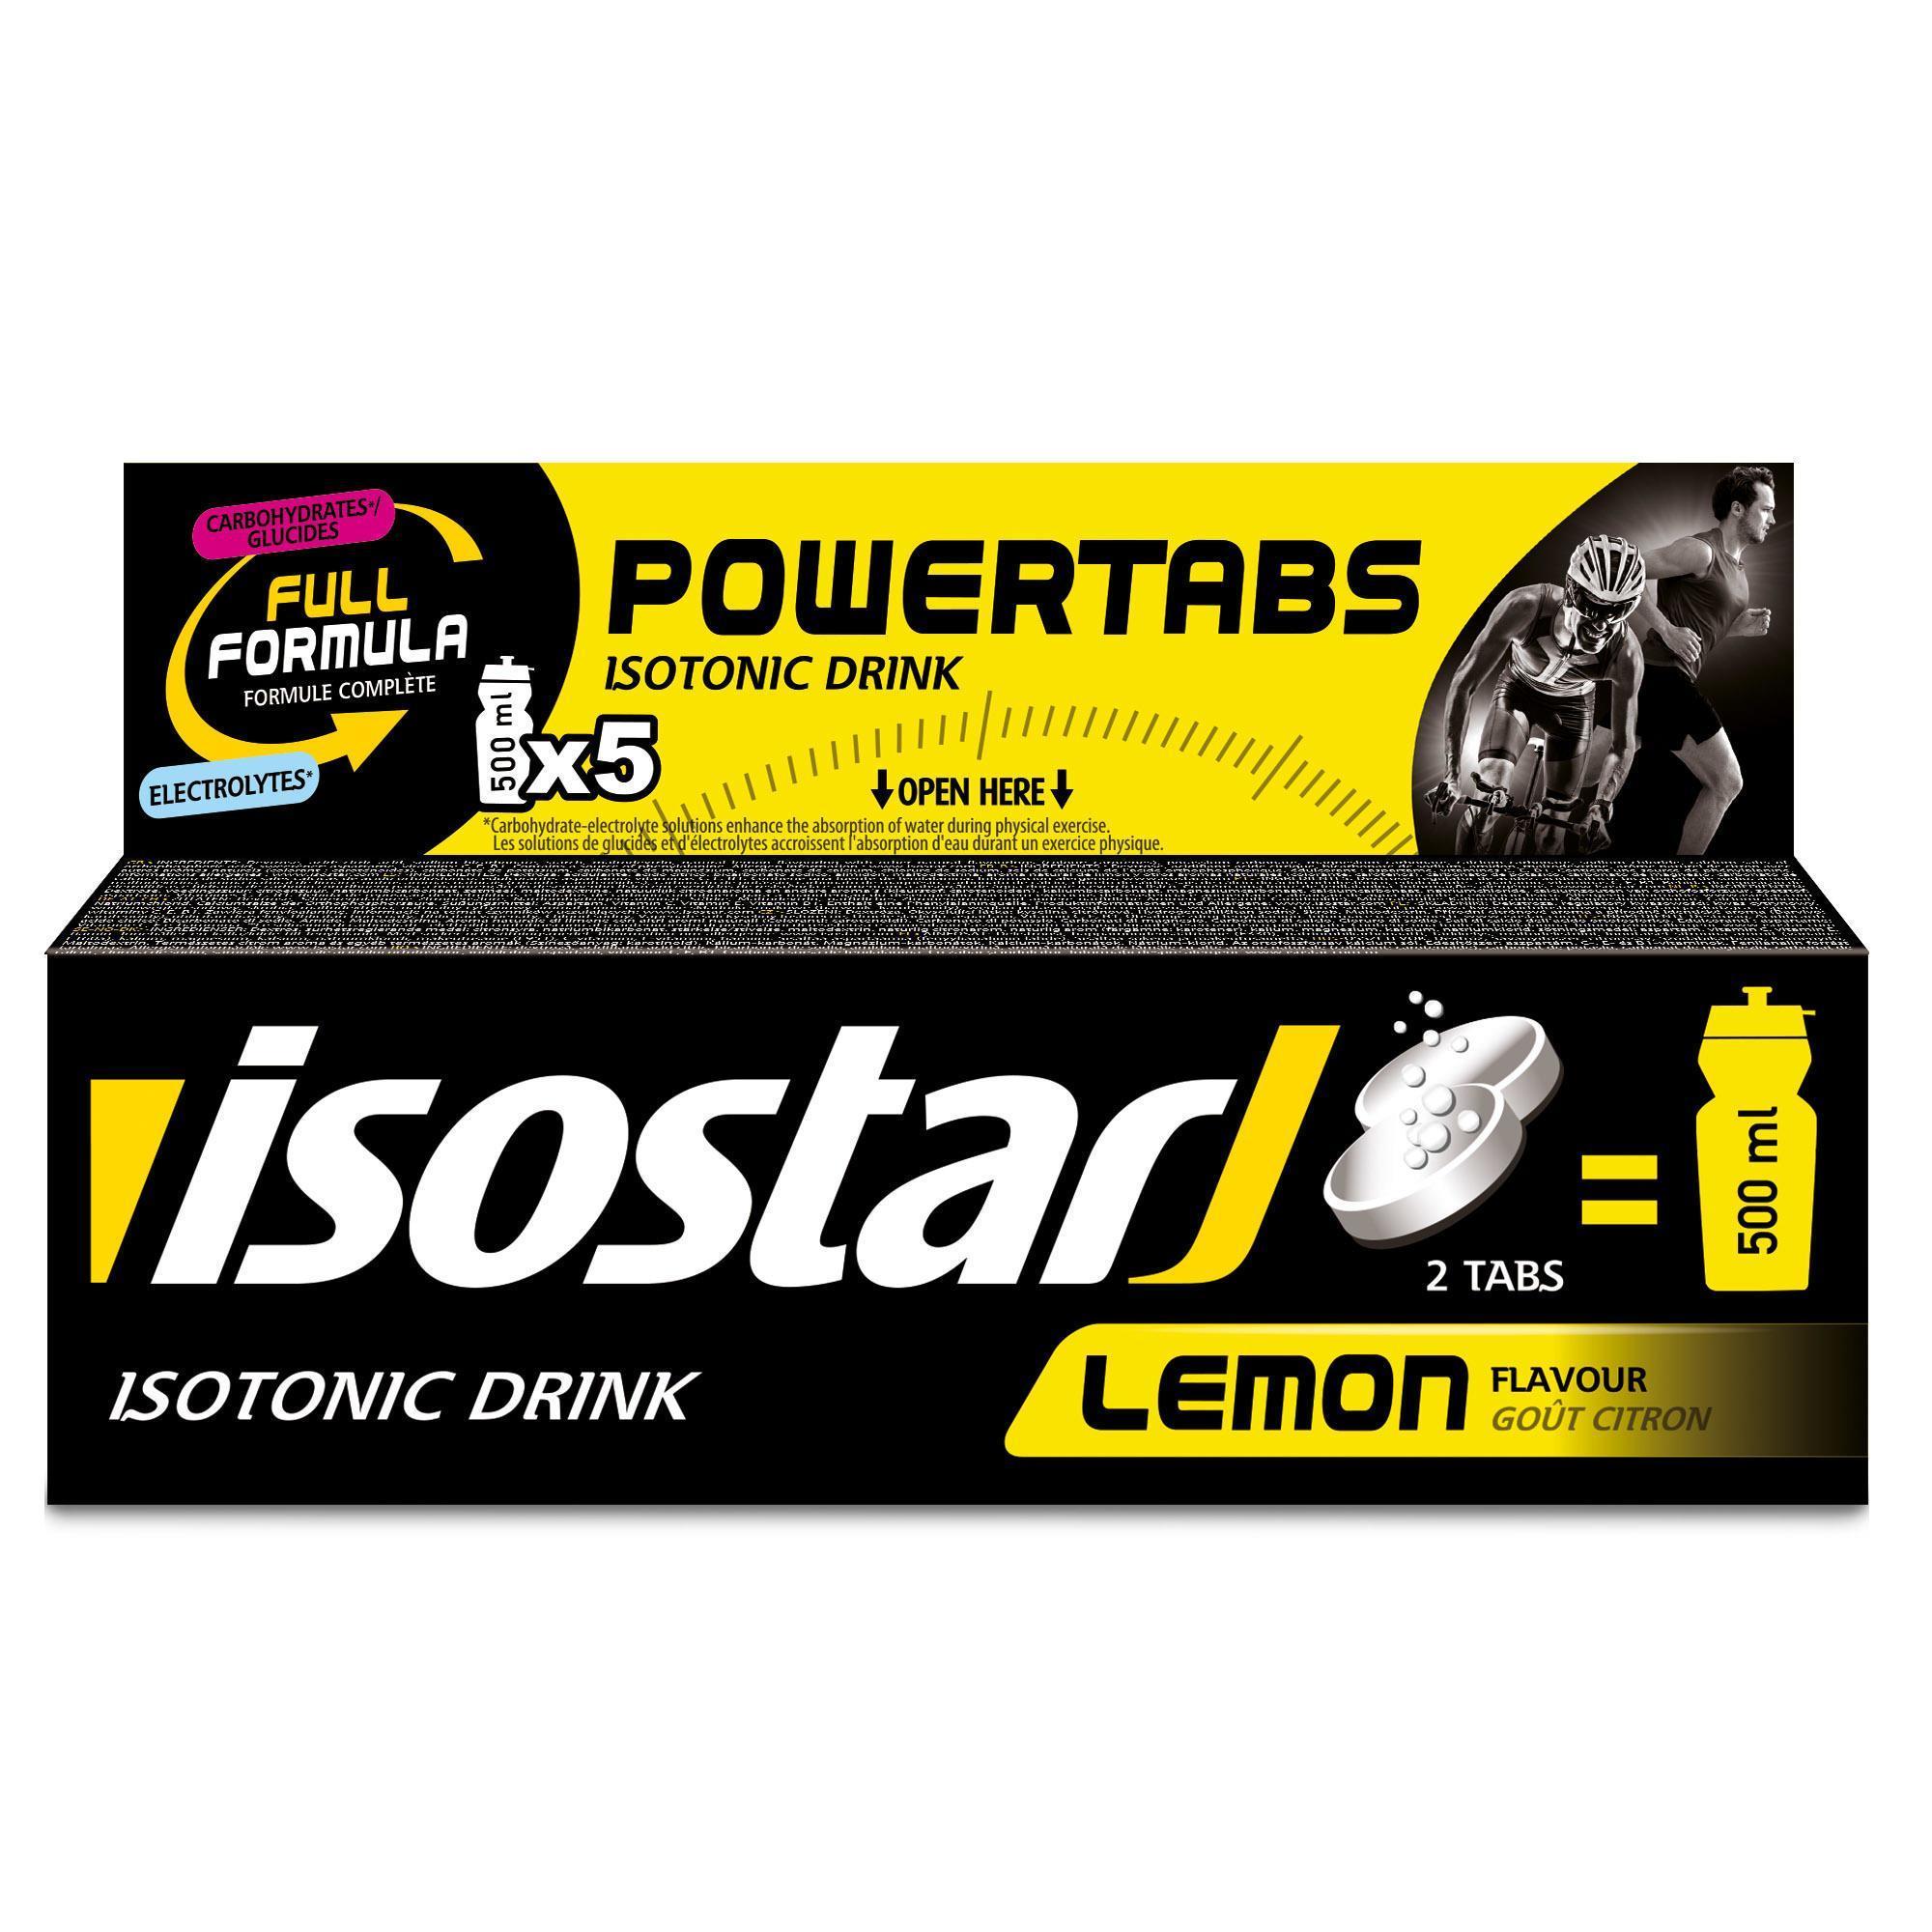 Isostar Bruistabletten voor isotone dorstlesser Powertabs citroen 10x 12 g